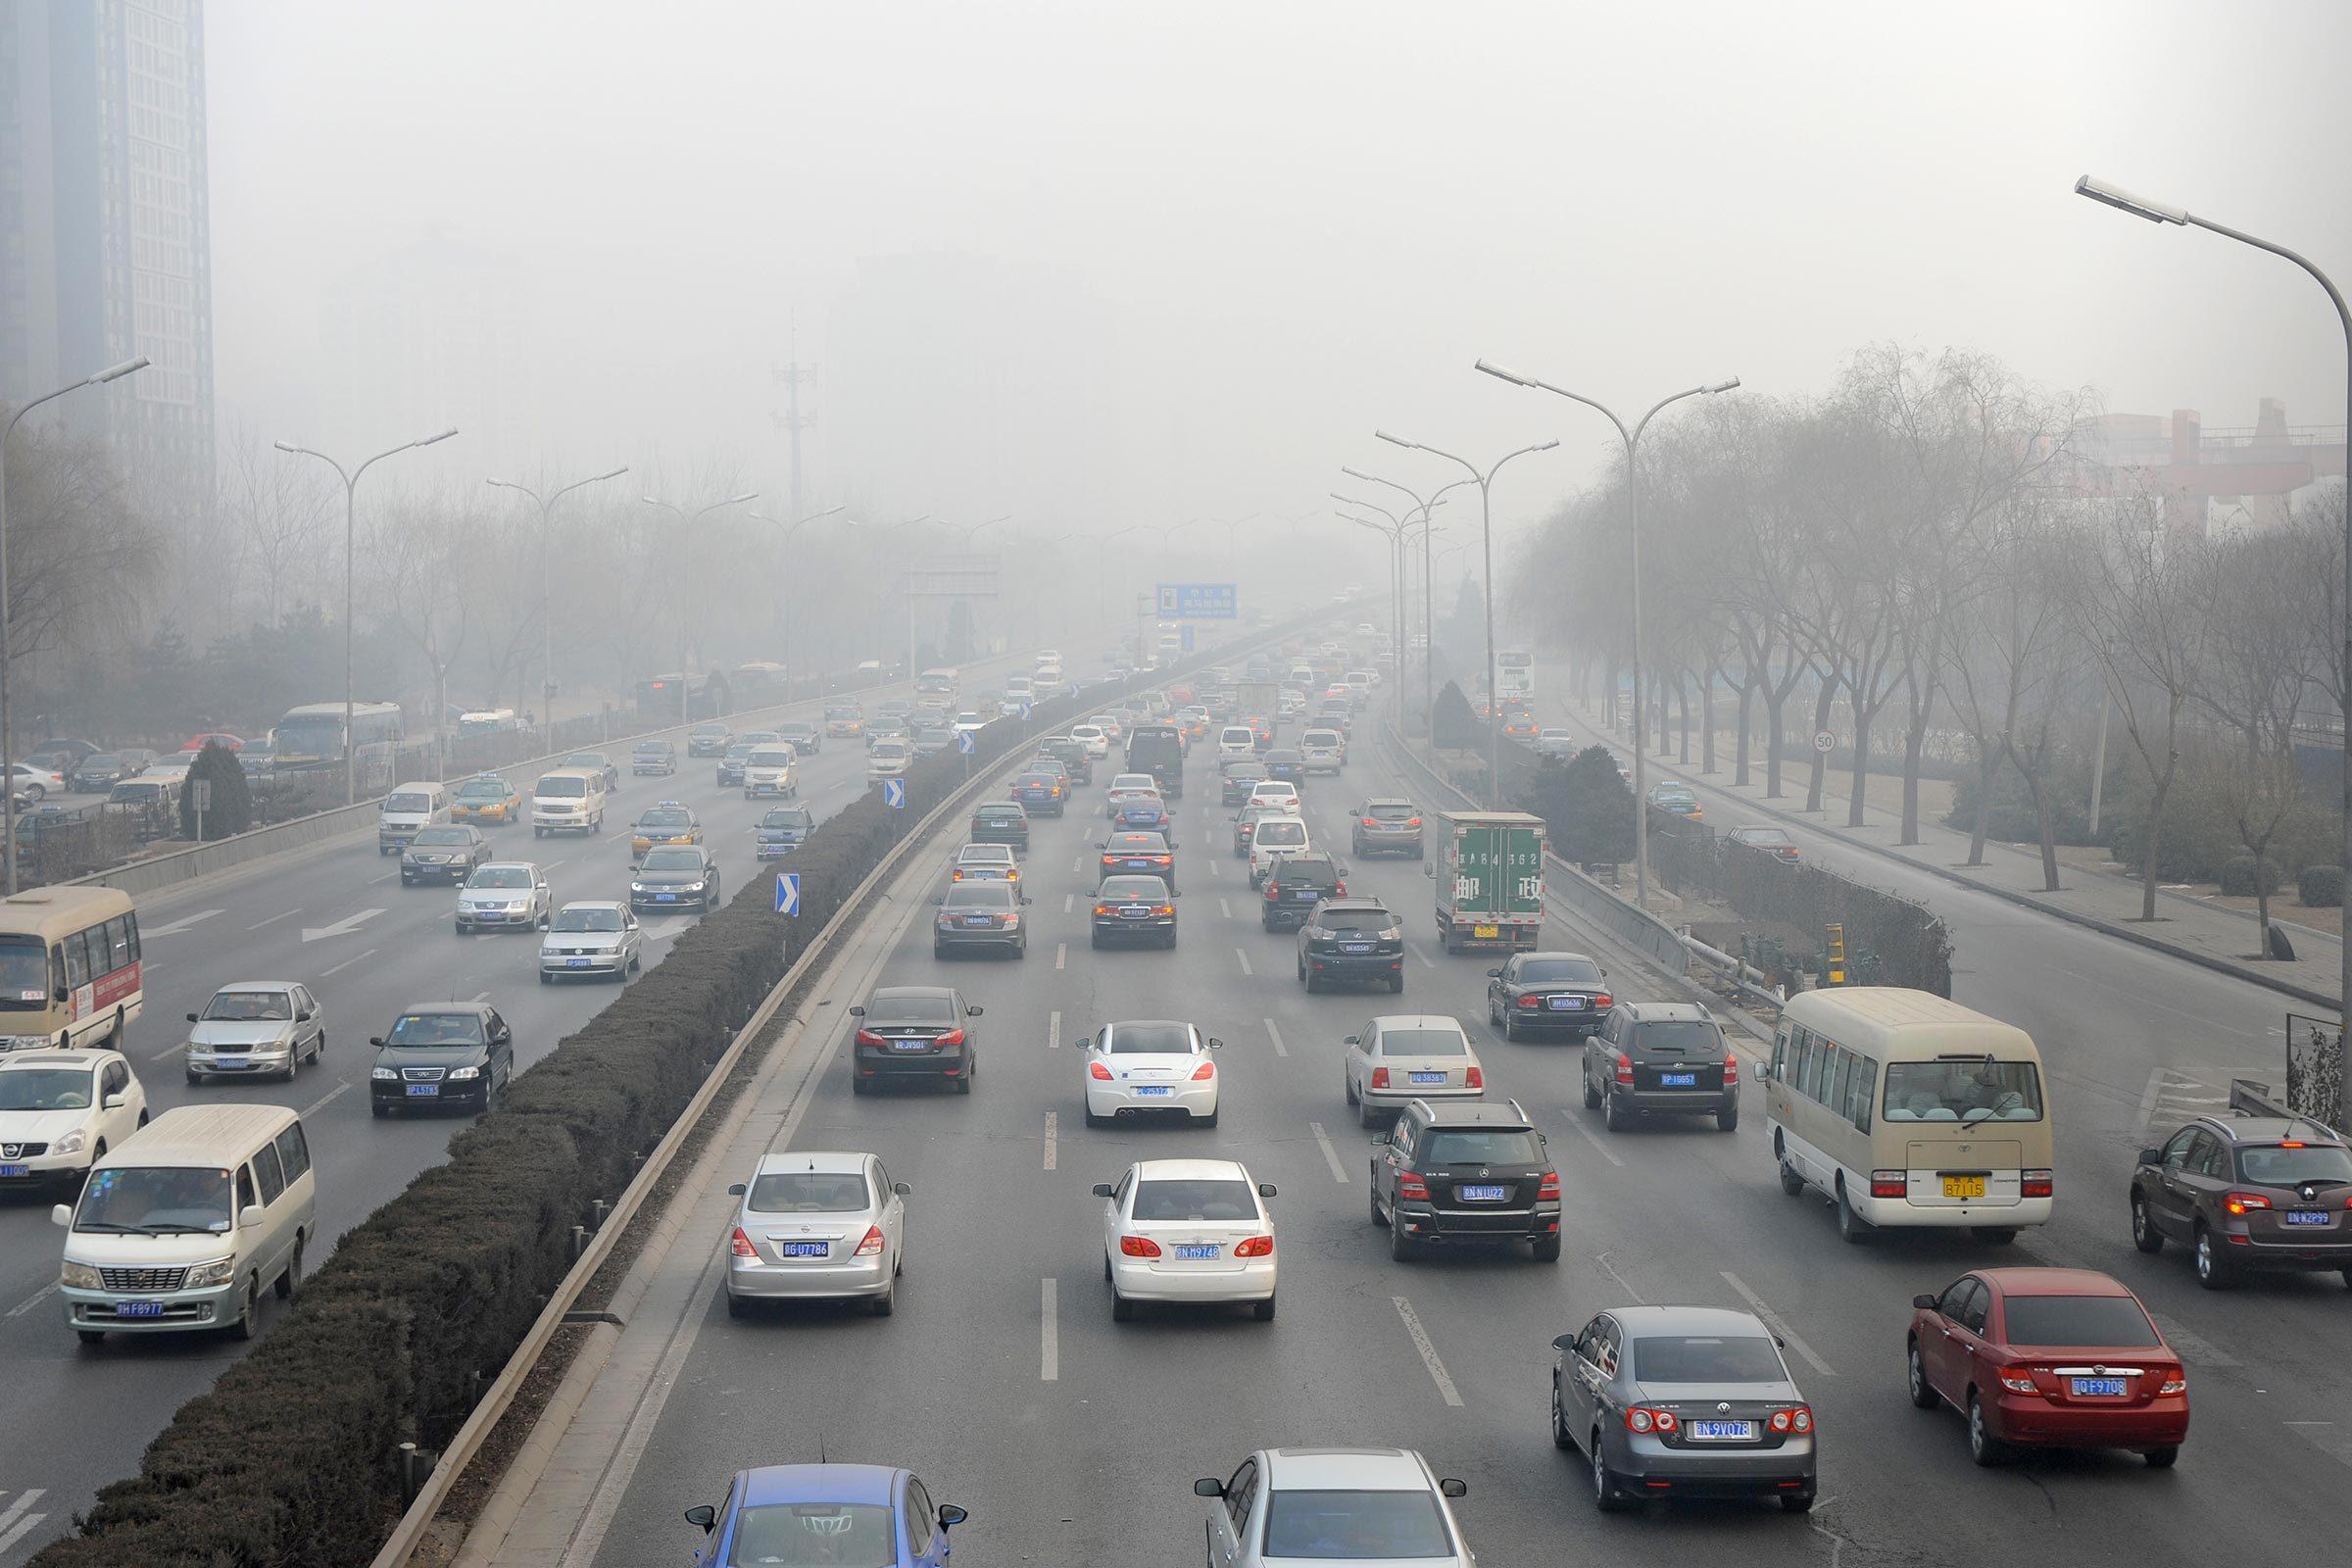 Utilisation de papier : la disparition des arbres affecte la qualité de l'air.